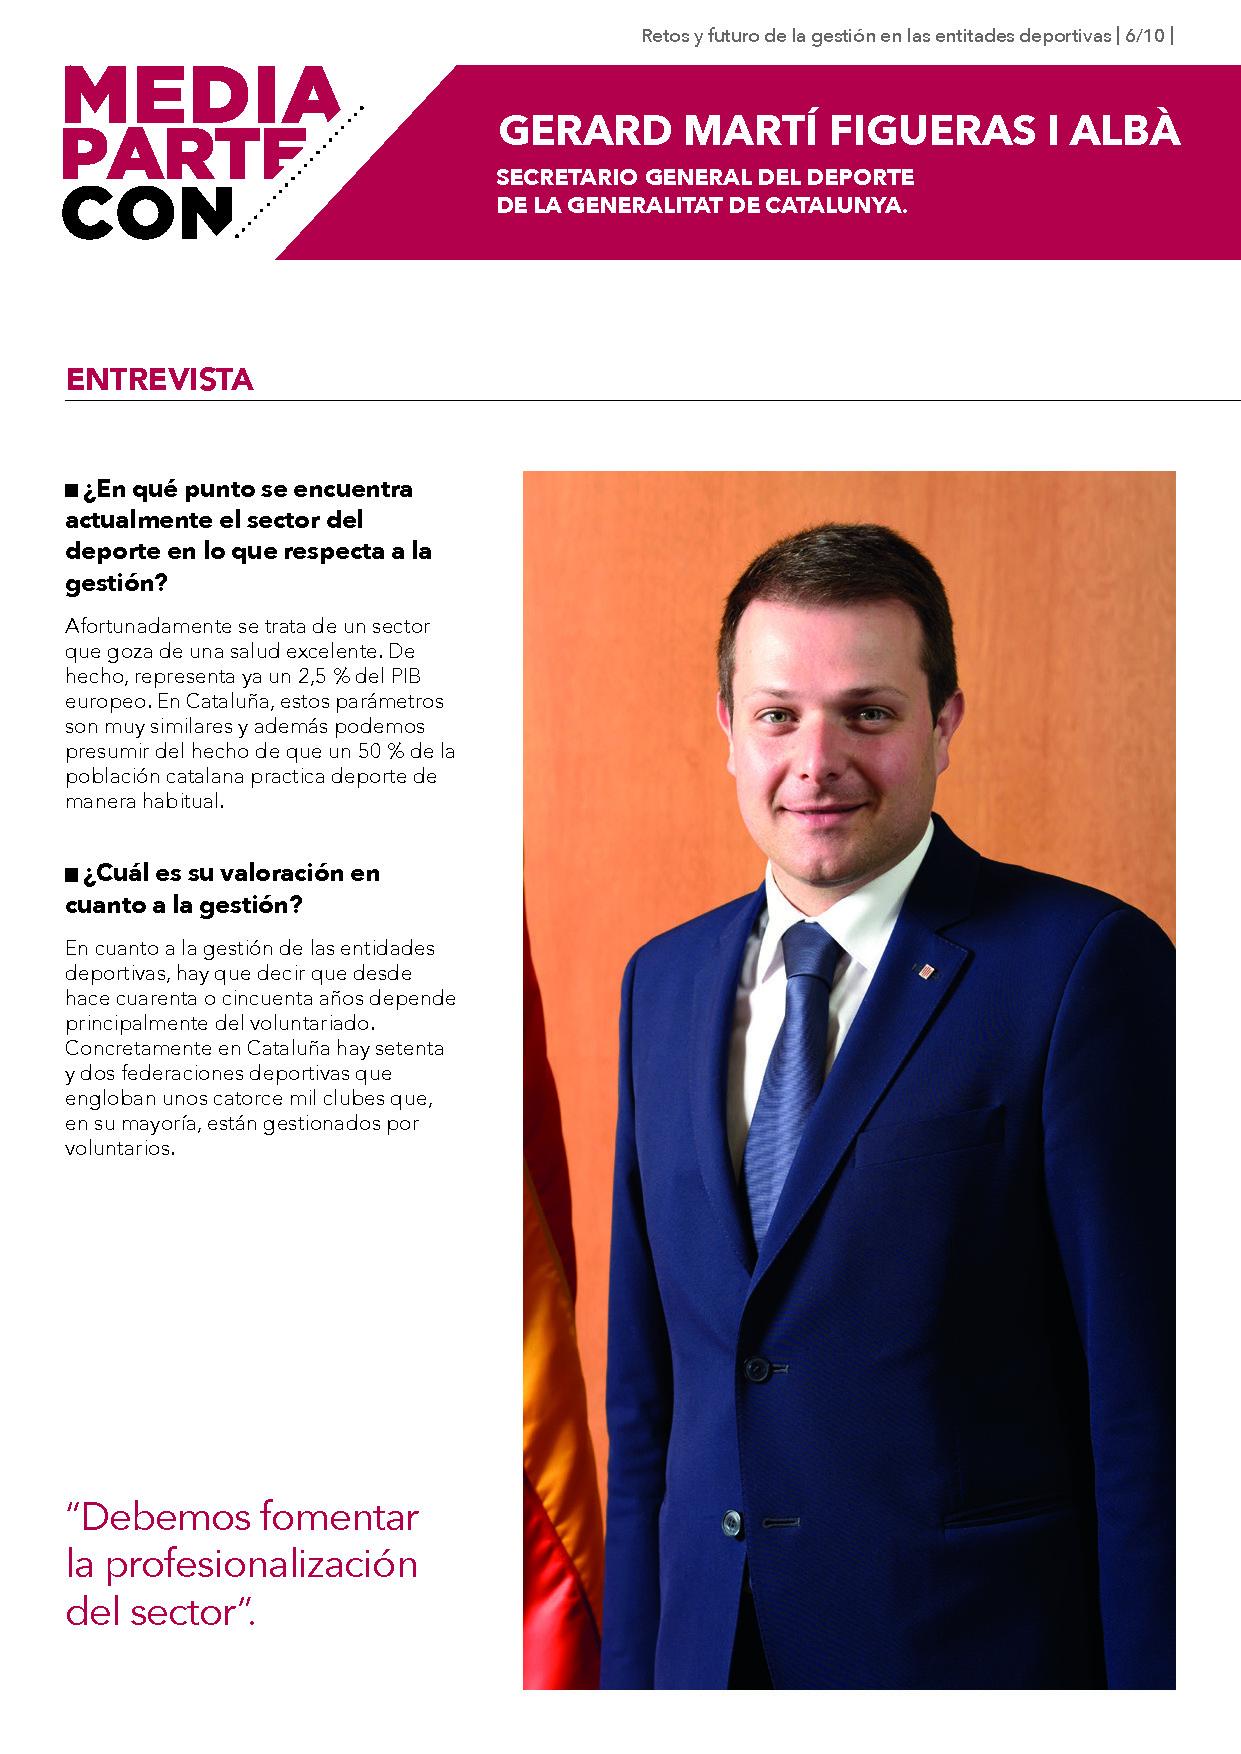 Entrevista a Gerard Figueras